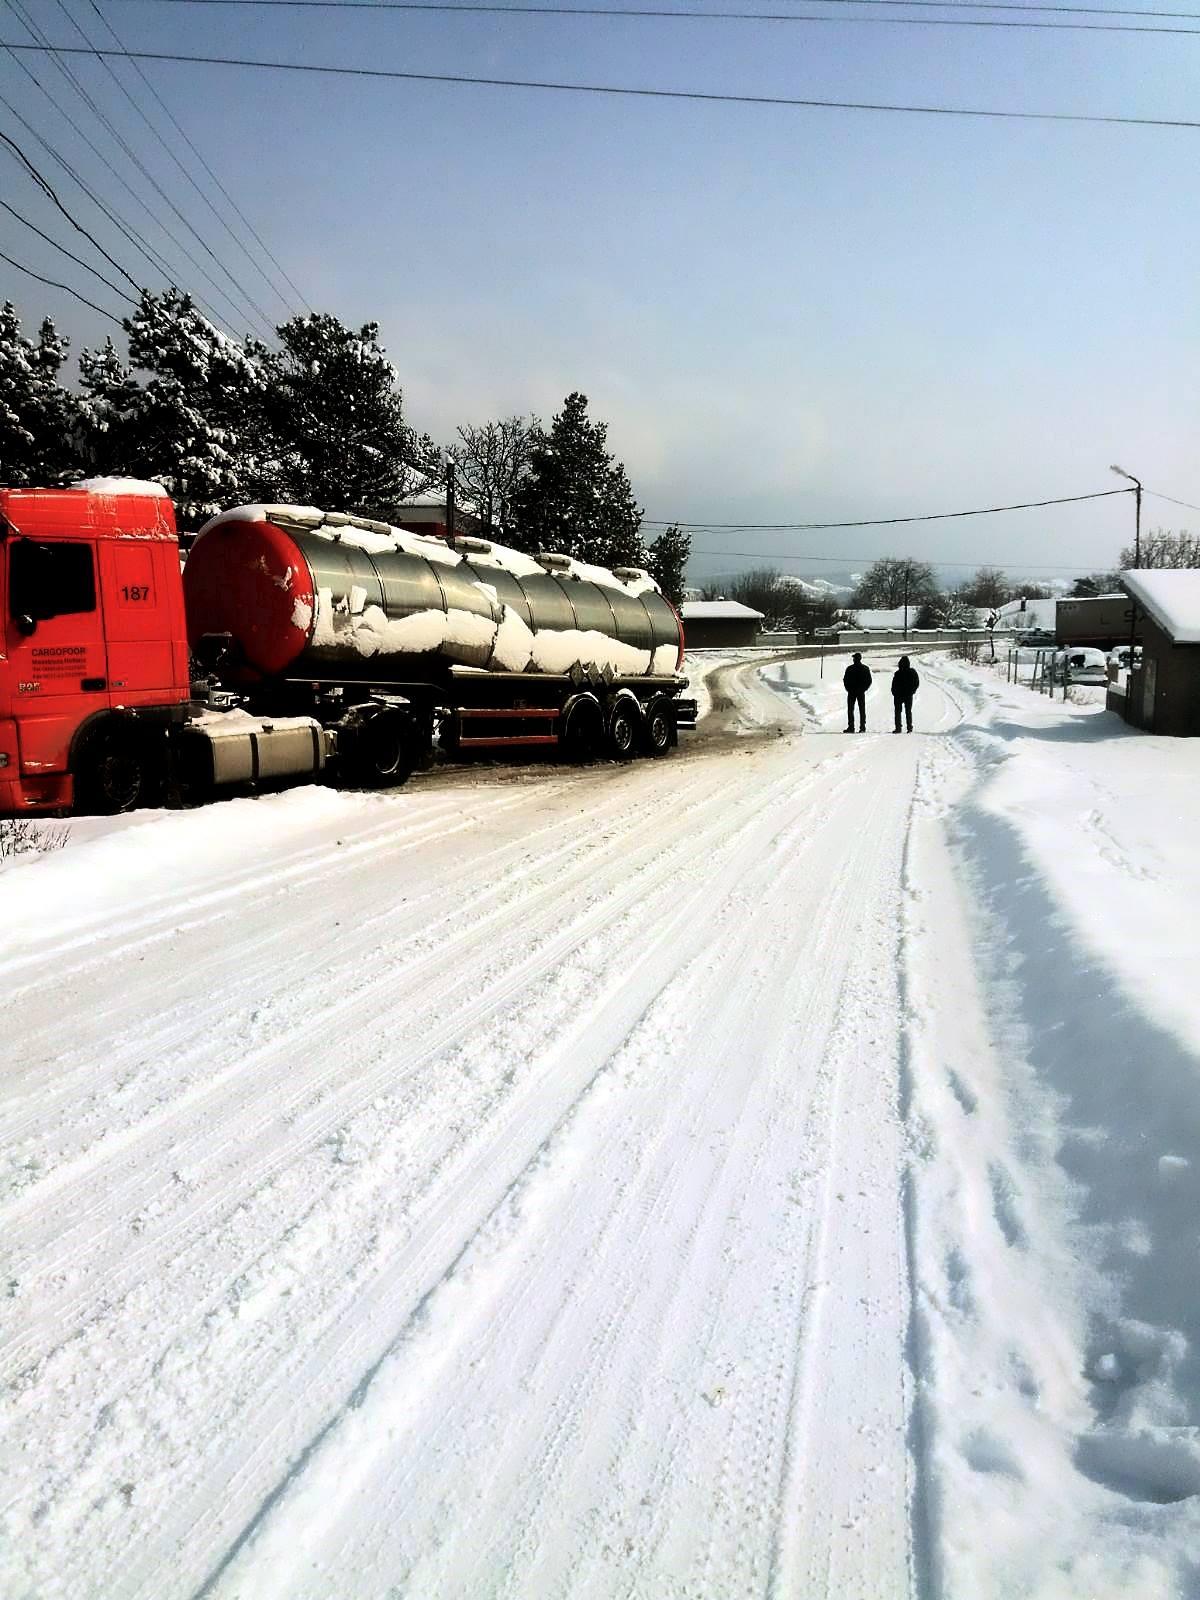 Daf-187-Sneeuw-en-kou-in-de-Balkan--Respect-voor-onze-jongens--